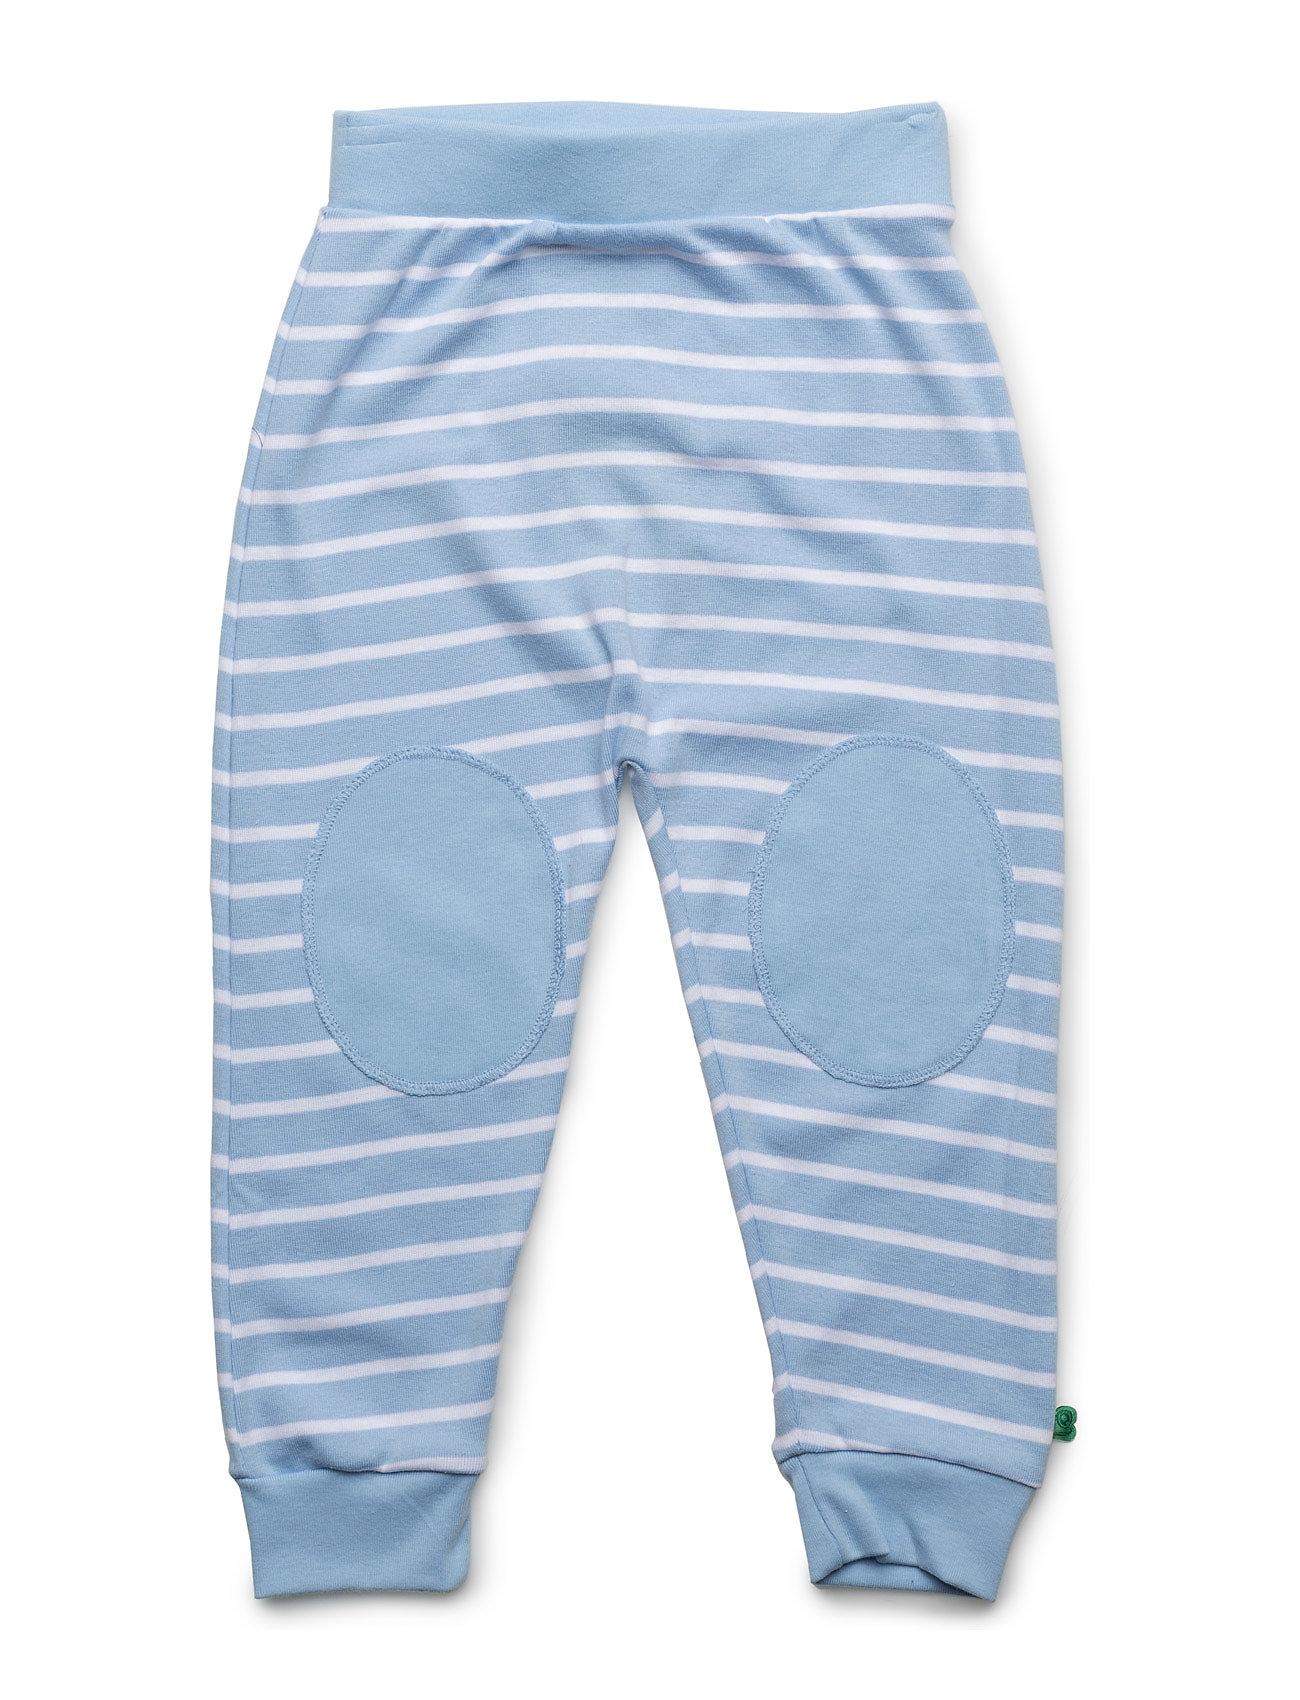 Stripe Funky Pants Freds World  til Børn i Blå